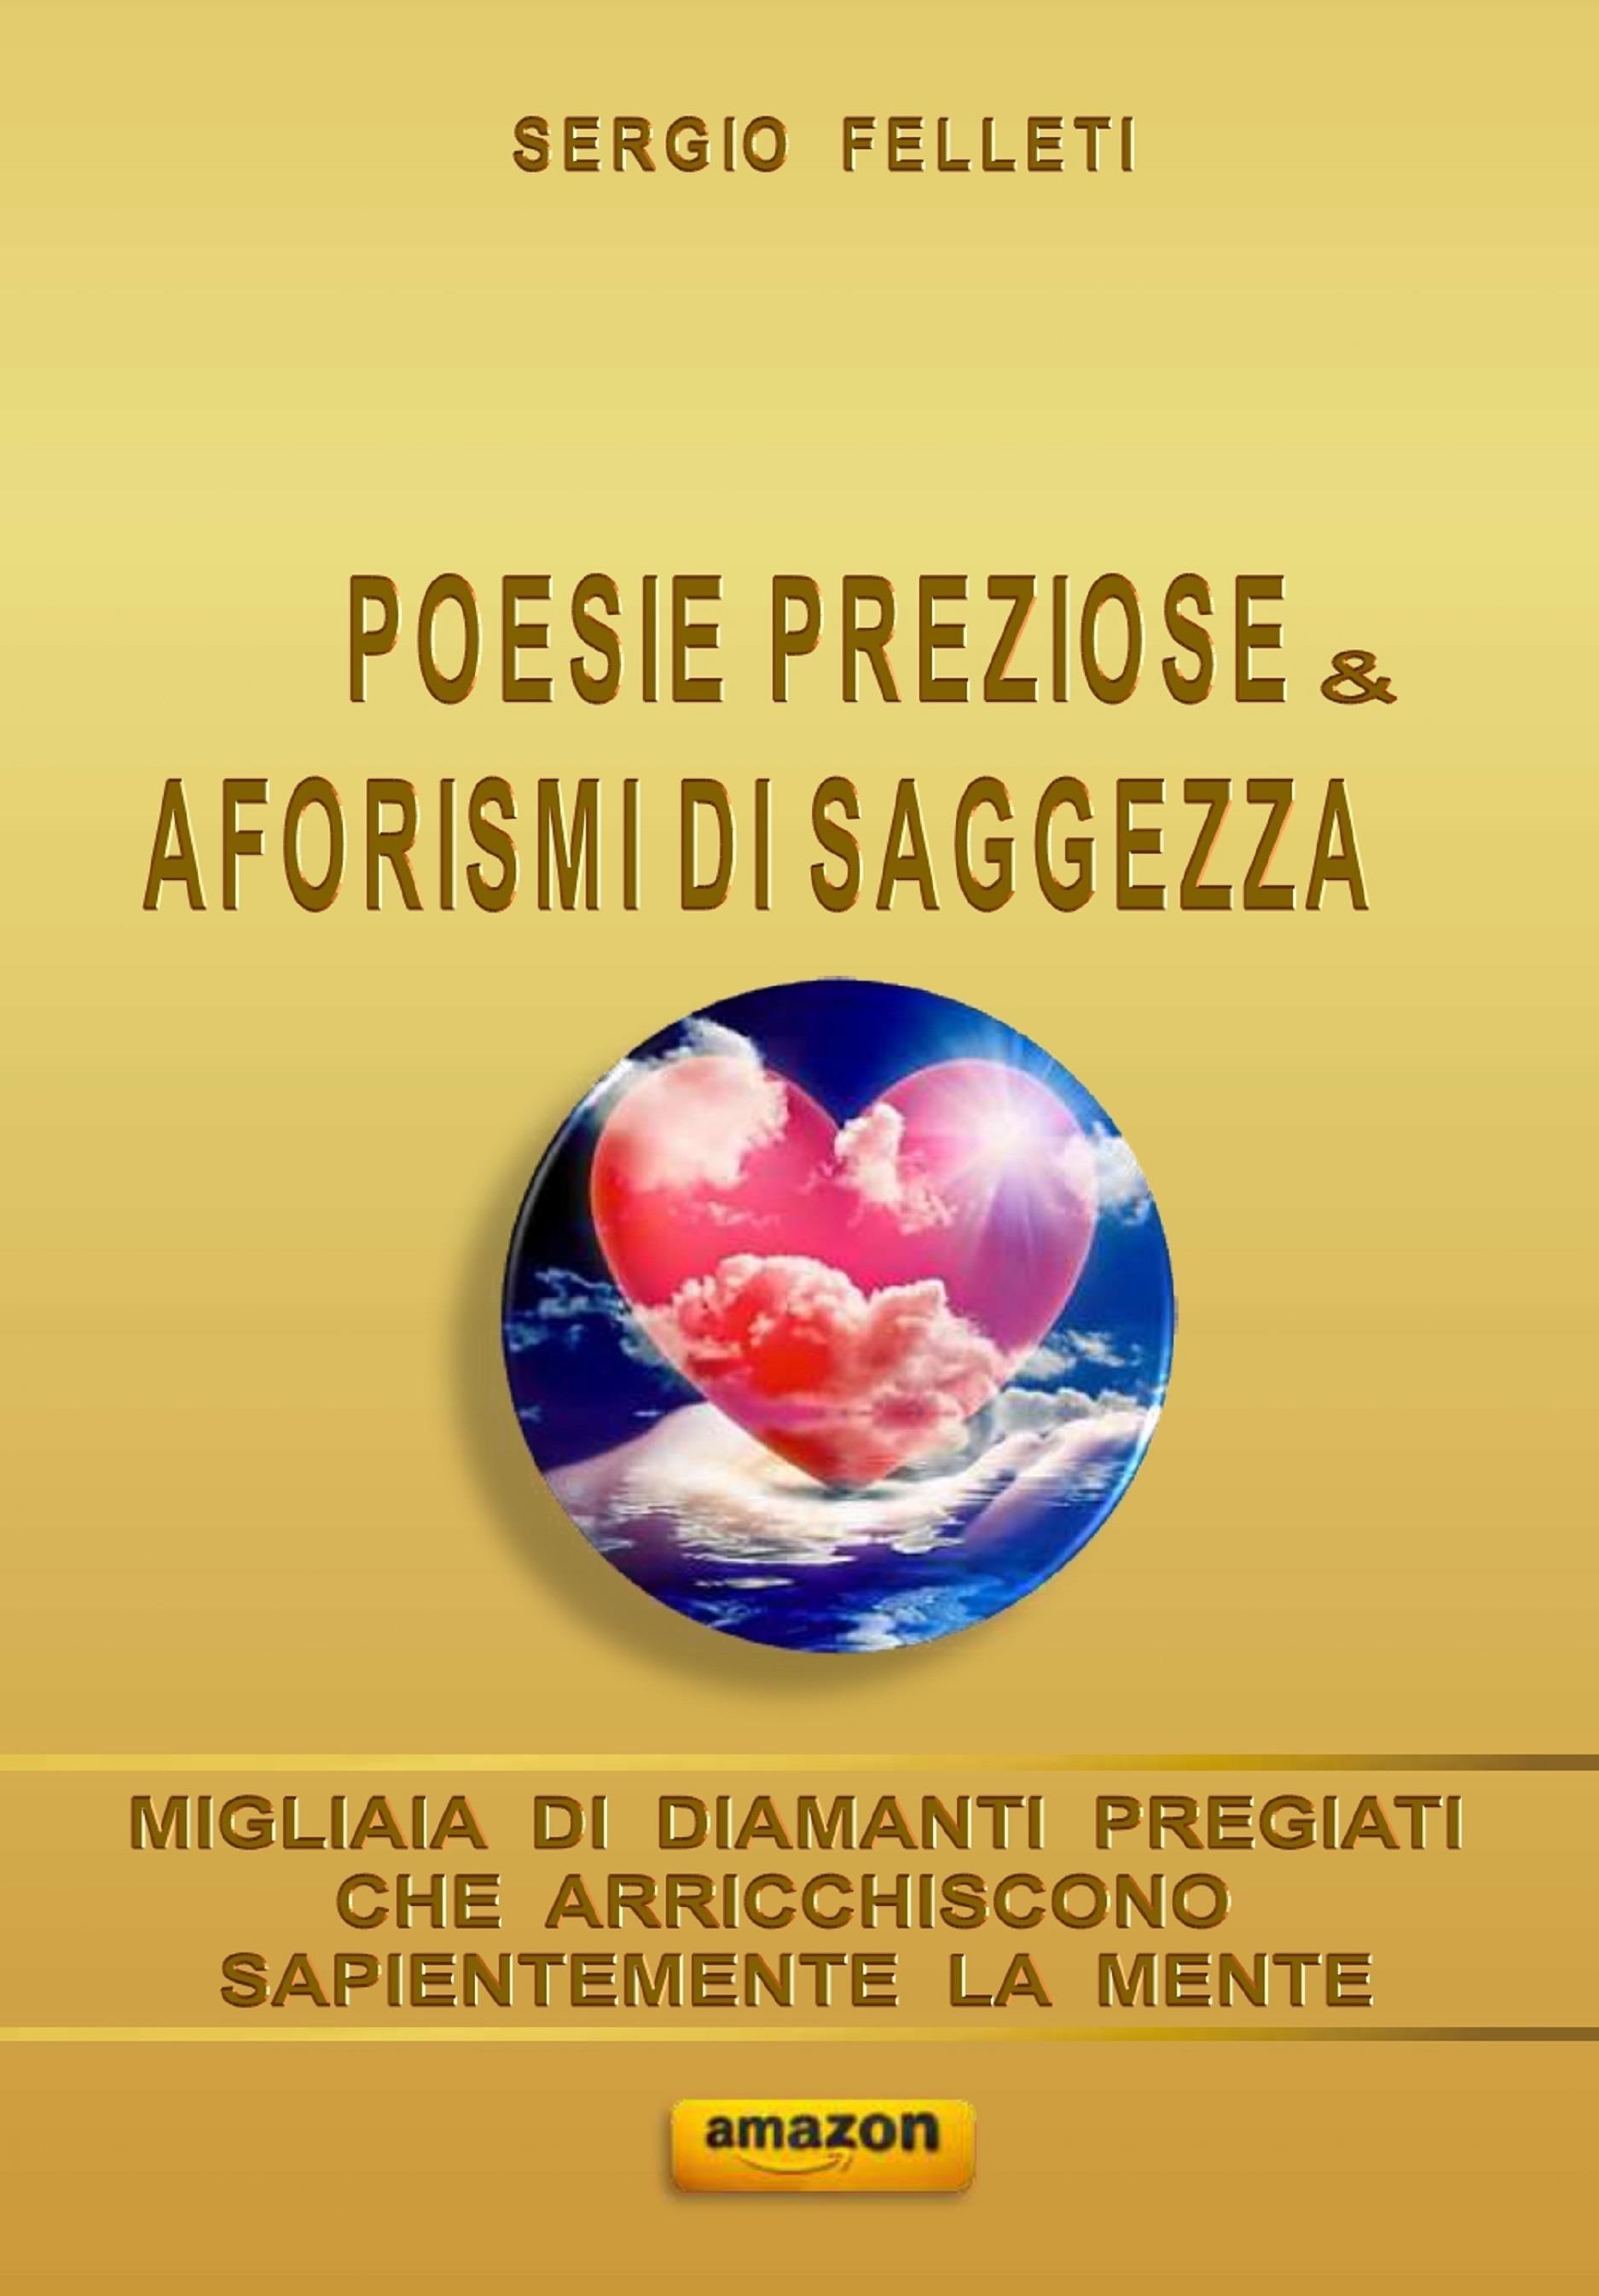 Poesie preziose & aforismi di saggezza